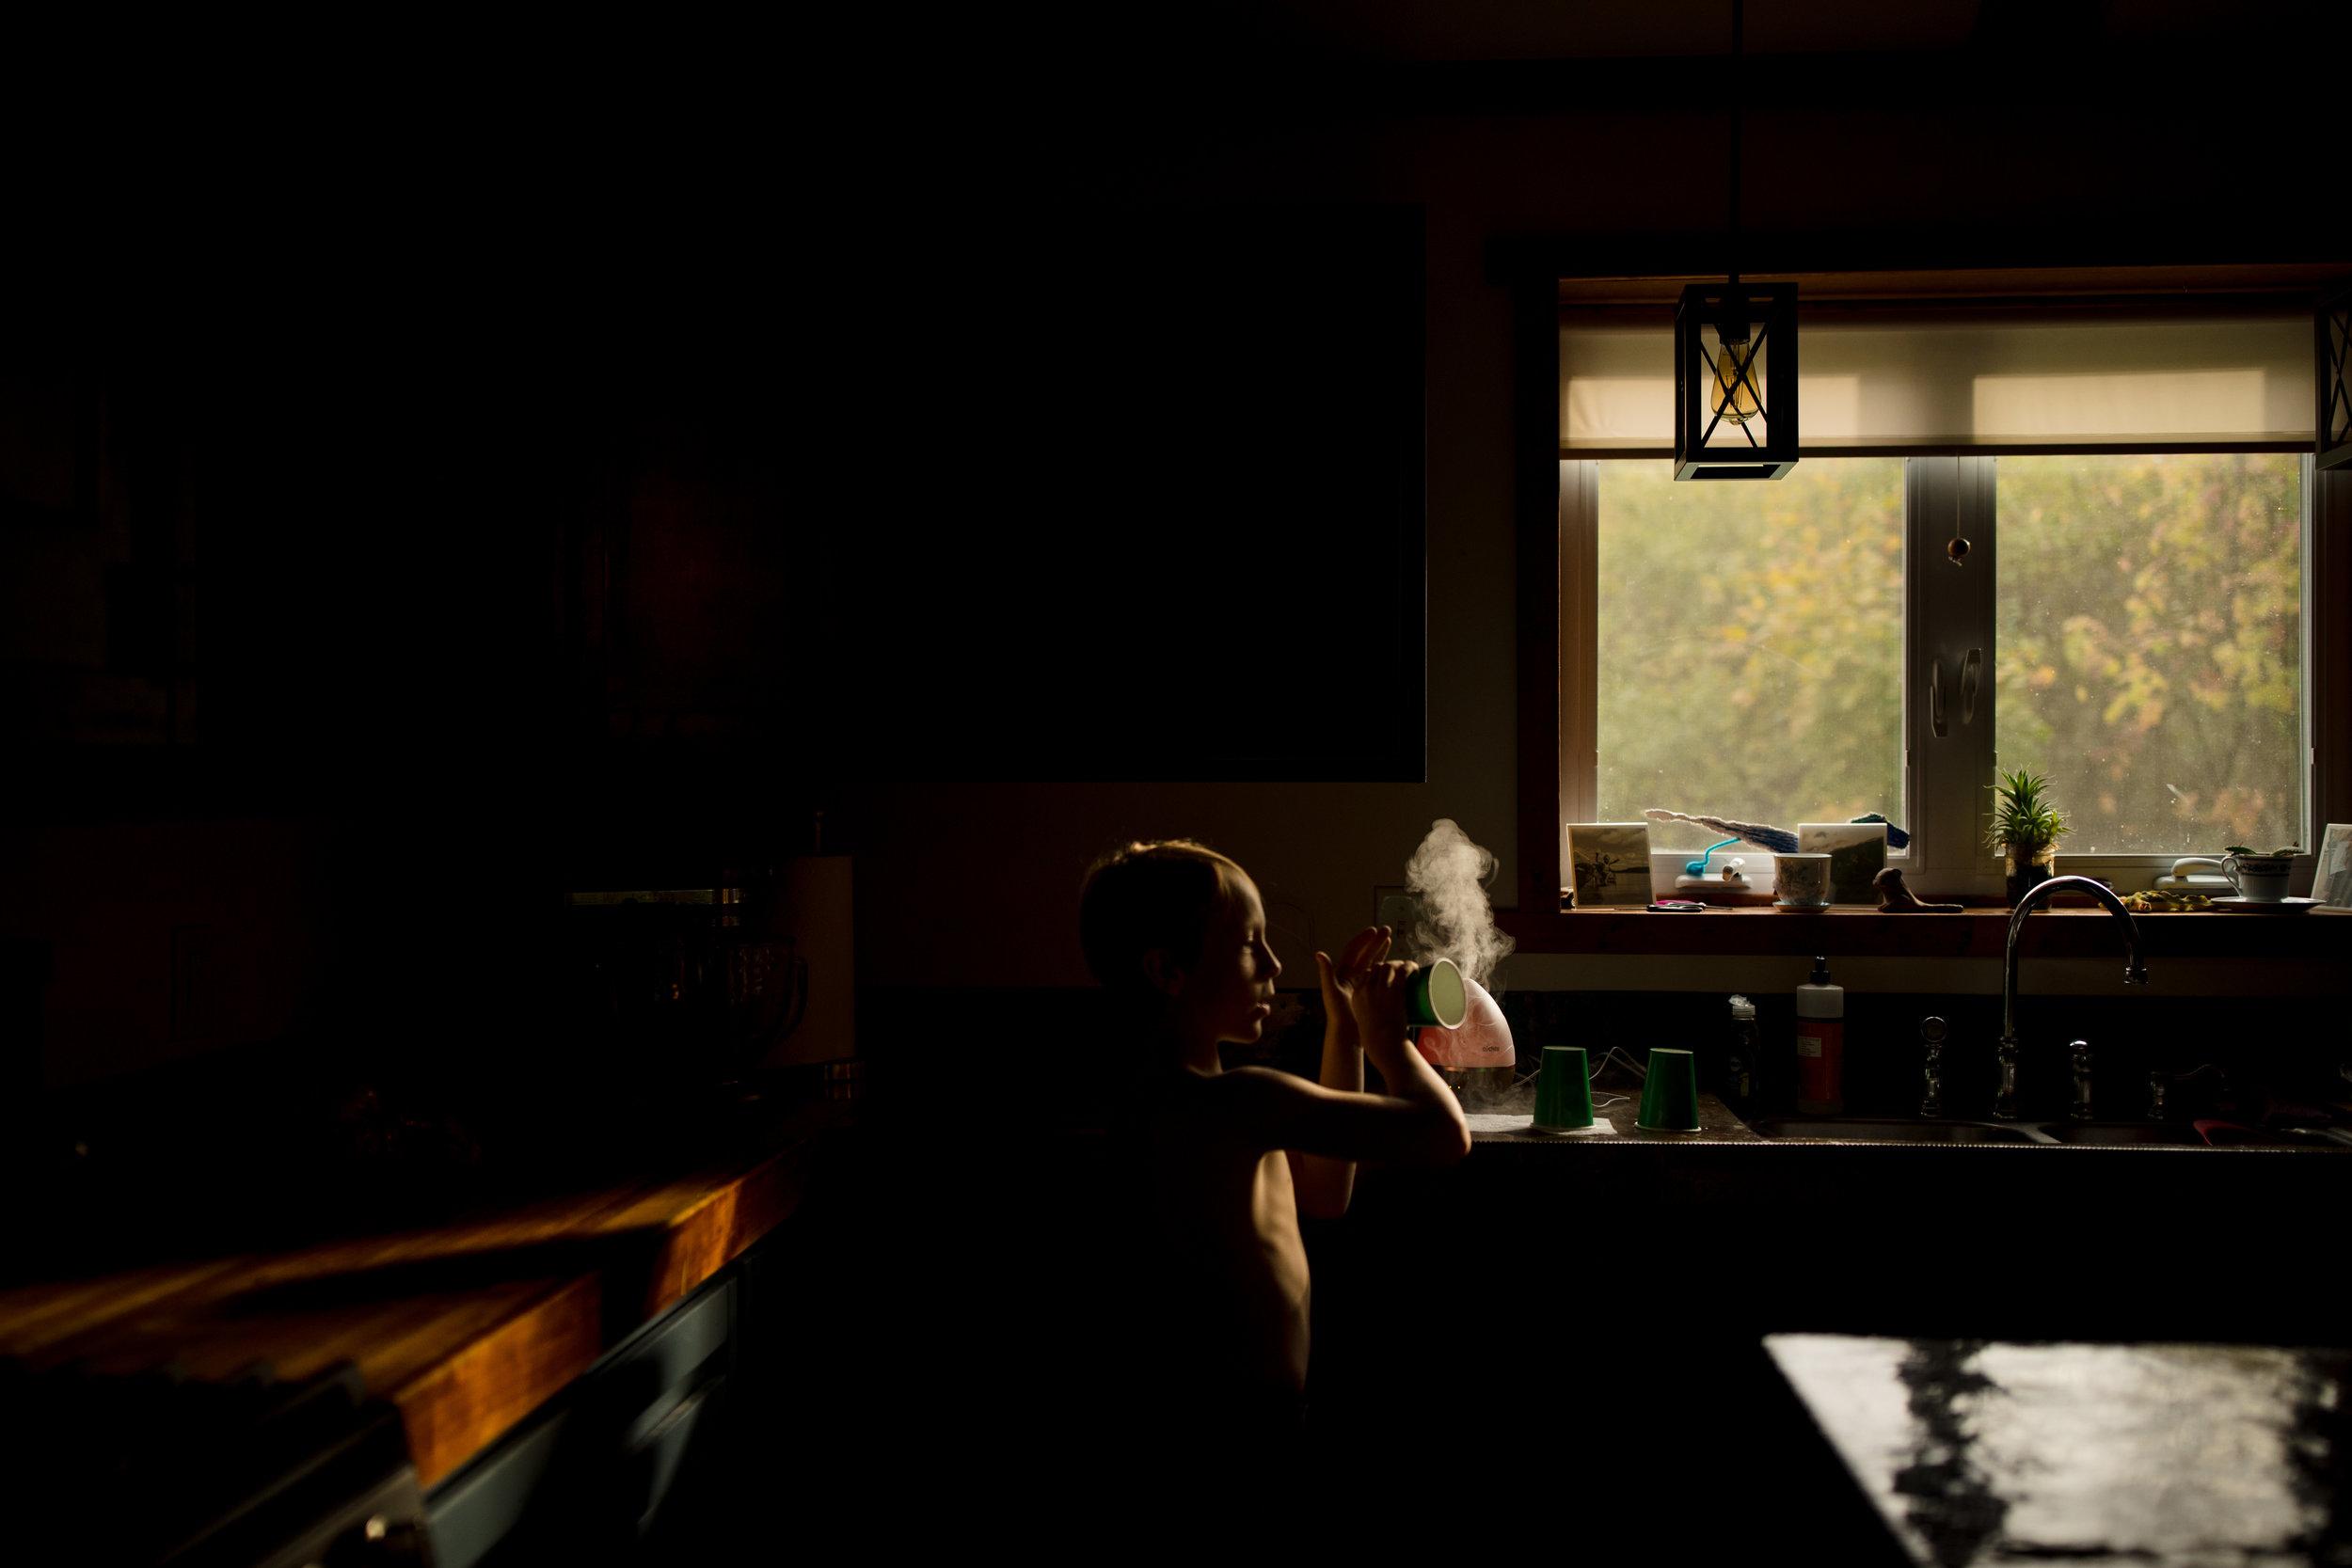 michigan-storytelling-photographer-jessica-max-3.jpg